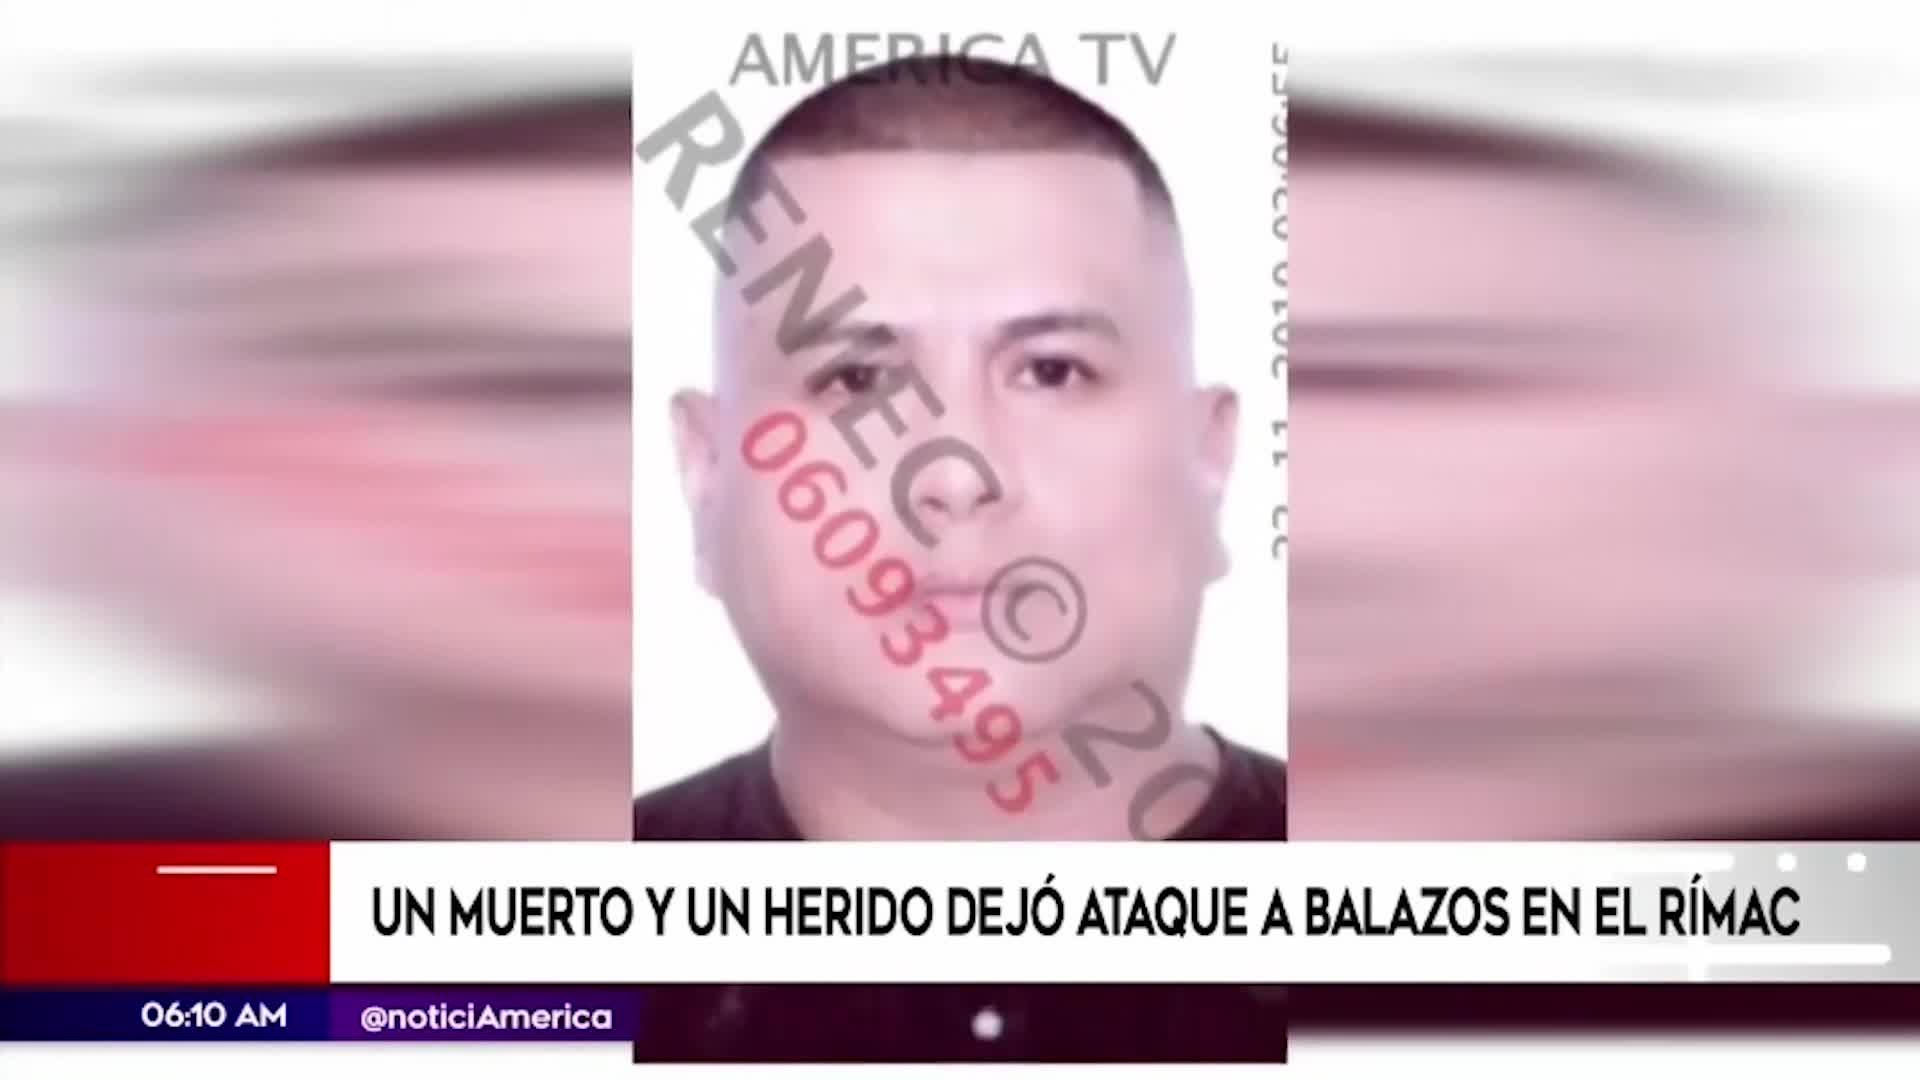 Rímac: sujetos asesinaron a balazos a un hombre tras una persecución